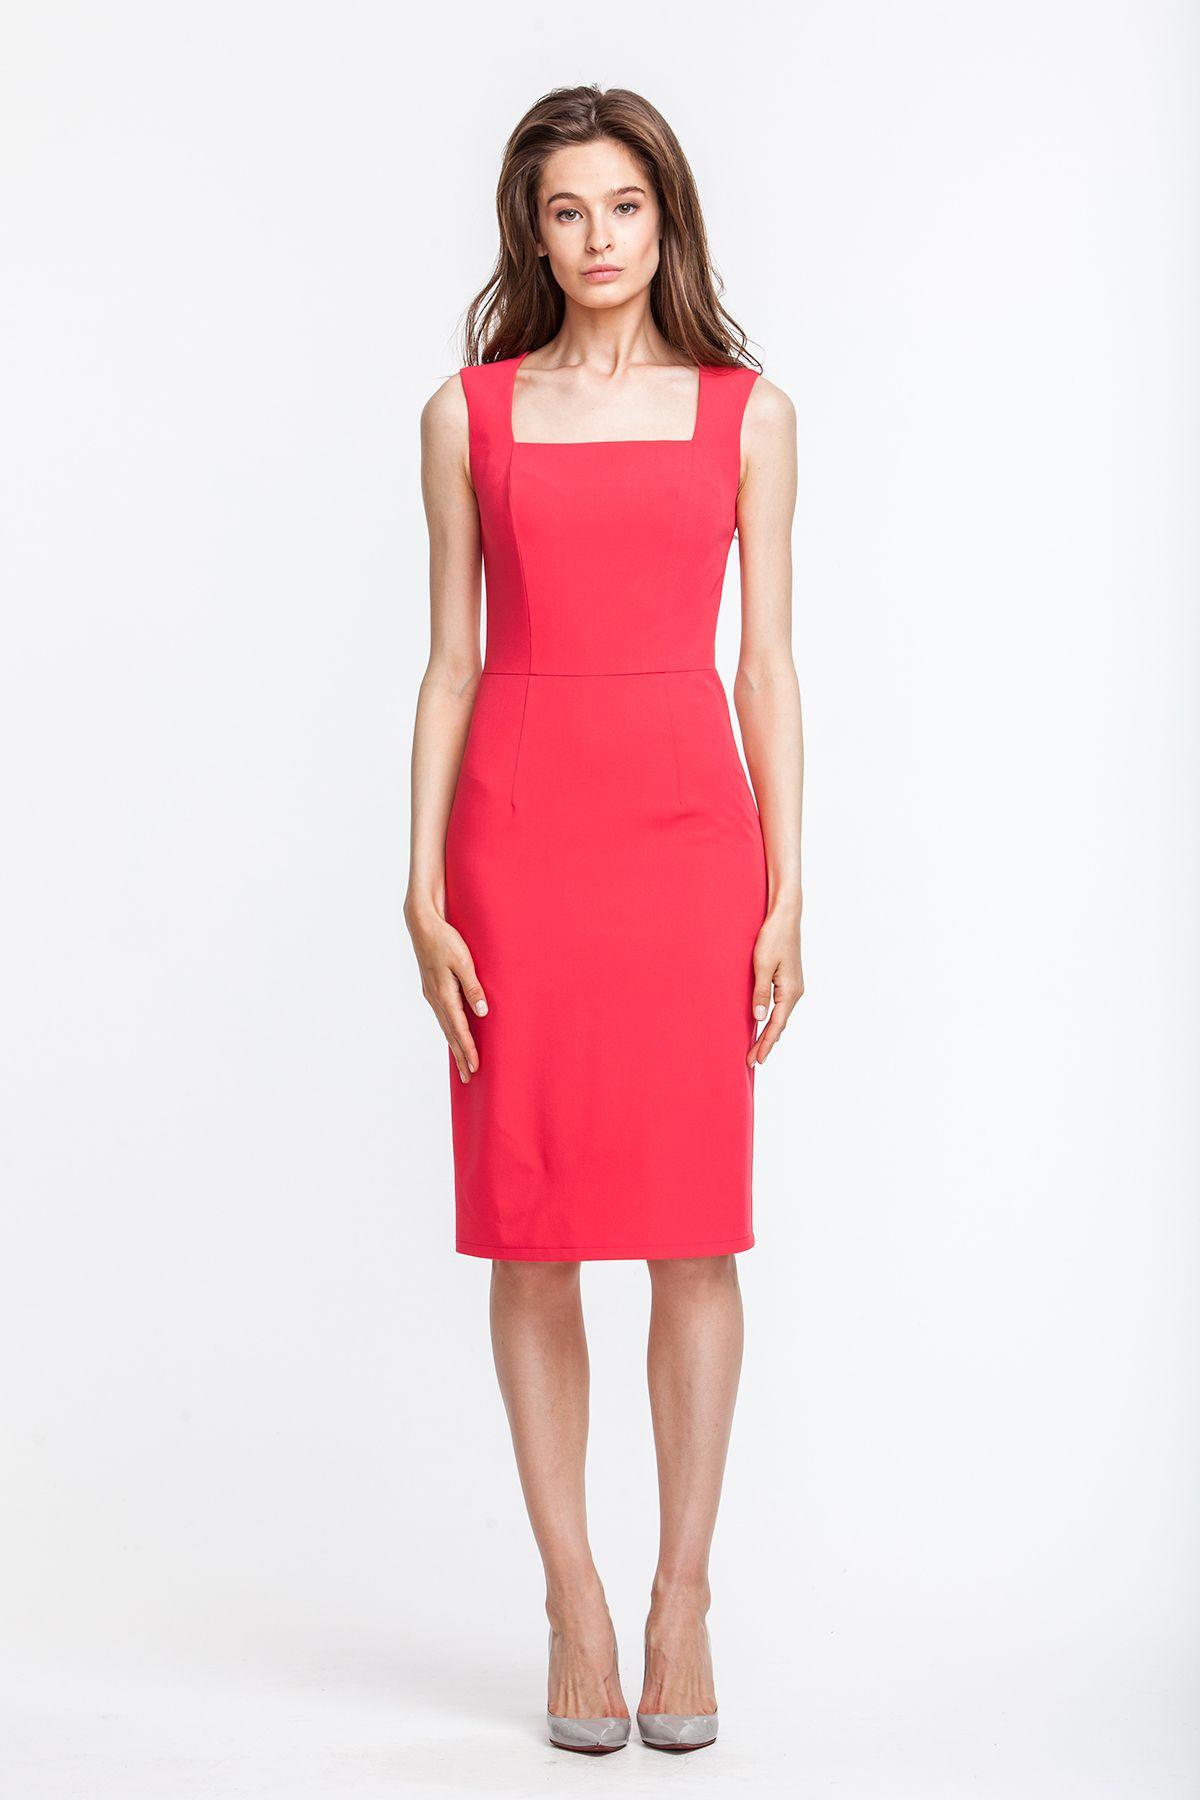 1f8abfd5964 2575 Платье-футляр розовое с квадратным вырезом